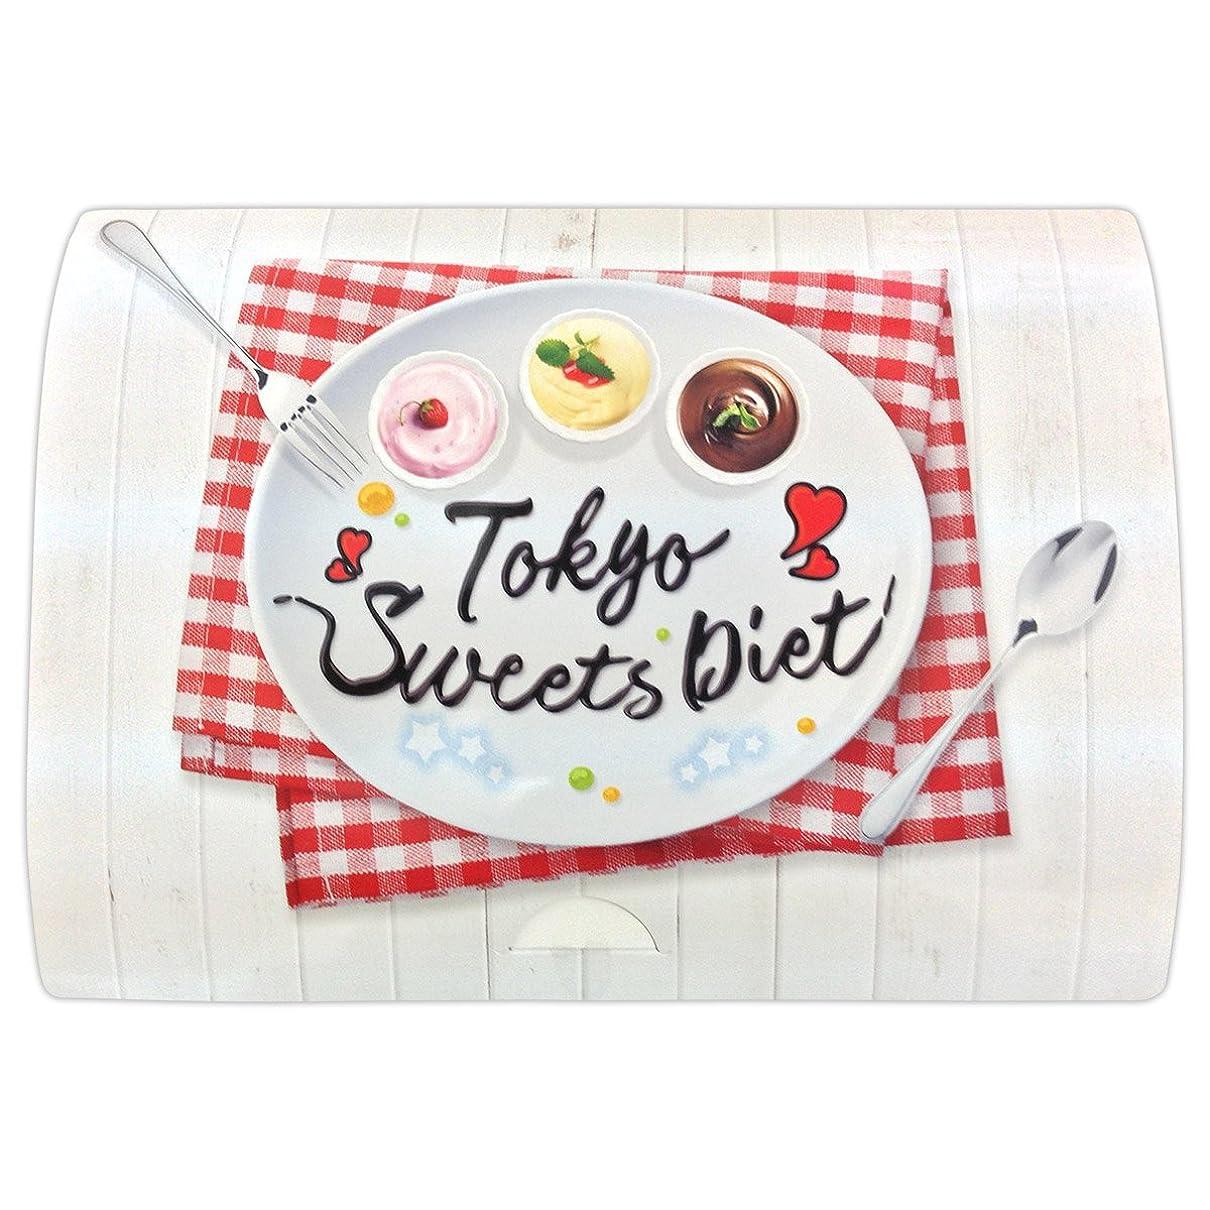 神秘ラップ製作IDEA TOKYOスイーツダイエット 置き換えダイエットスイーツ 15食(1包:15g) ストロベリー味 チョコレート味 プリン味